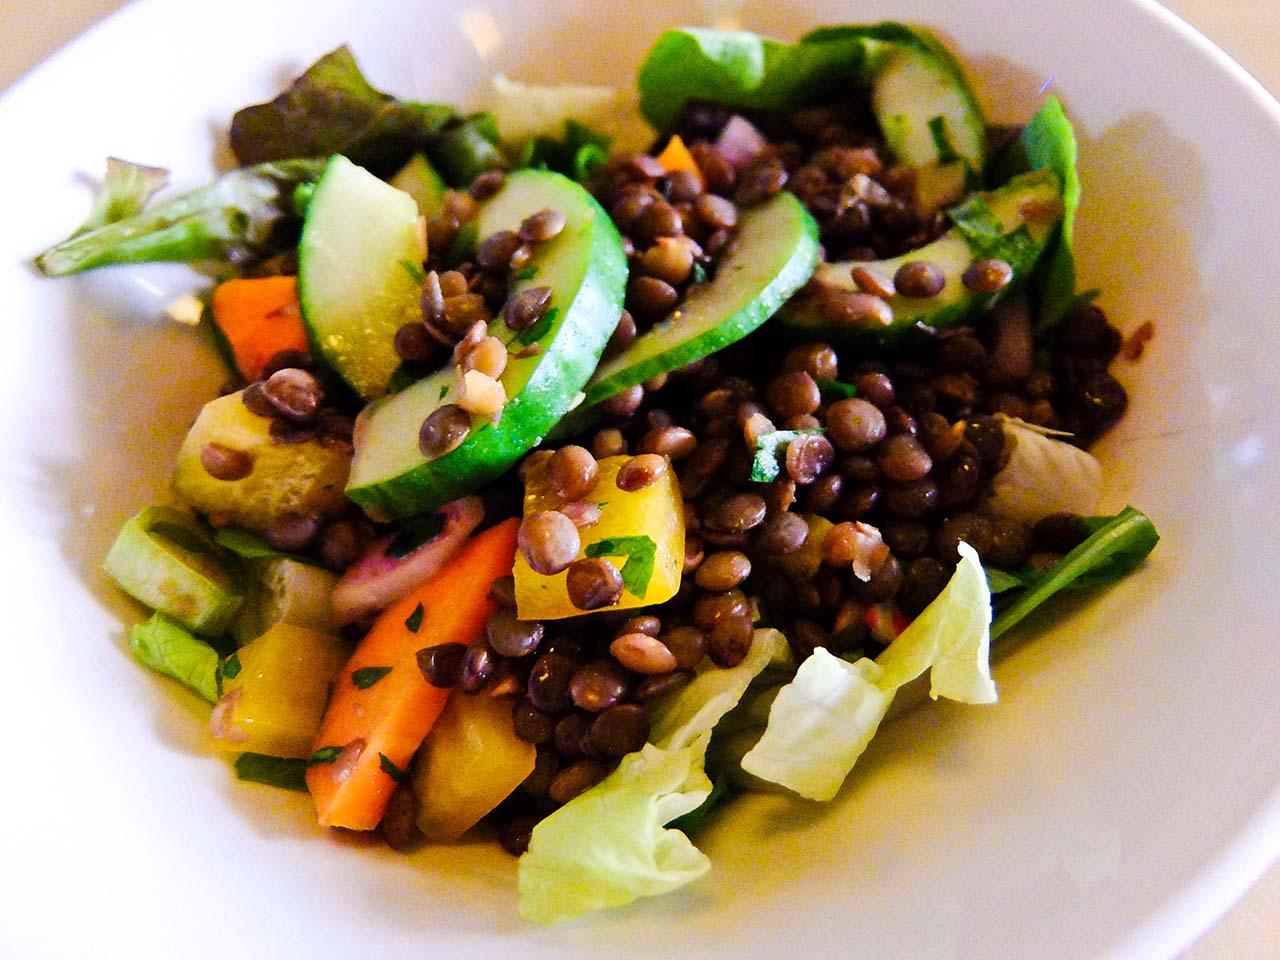 Mallorca Food - Lentil Salad